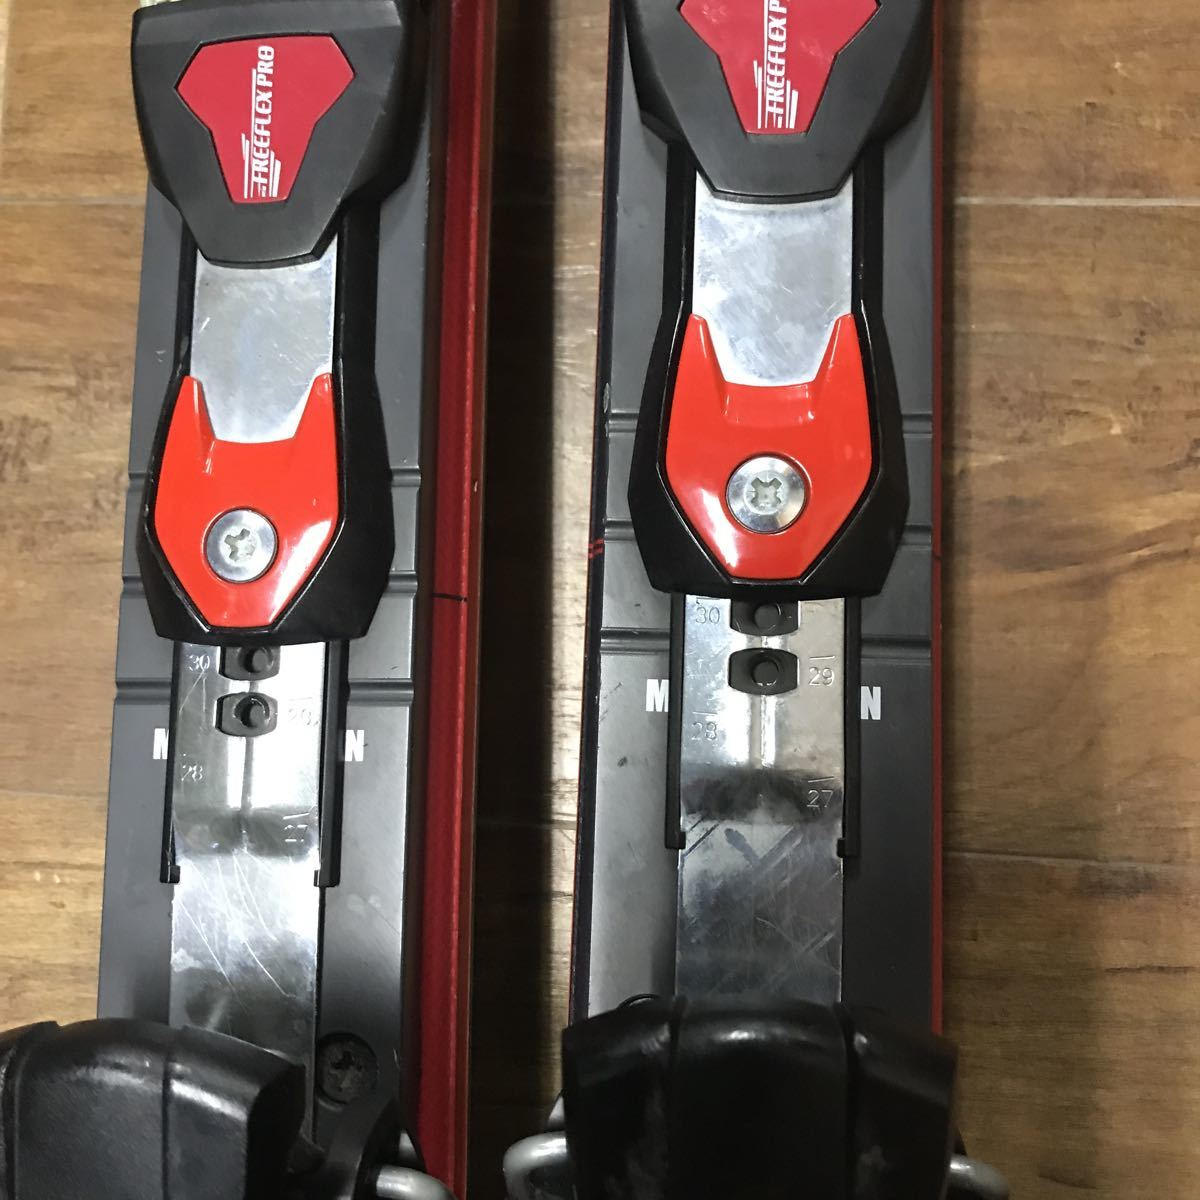 1円スタート! ♪4292♪ オガサカケオッズ GP-01 スキー板 スキー用品 春スキー スキーウエア スキー テレマークスキー アルペンスキー _画像5